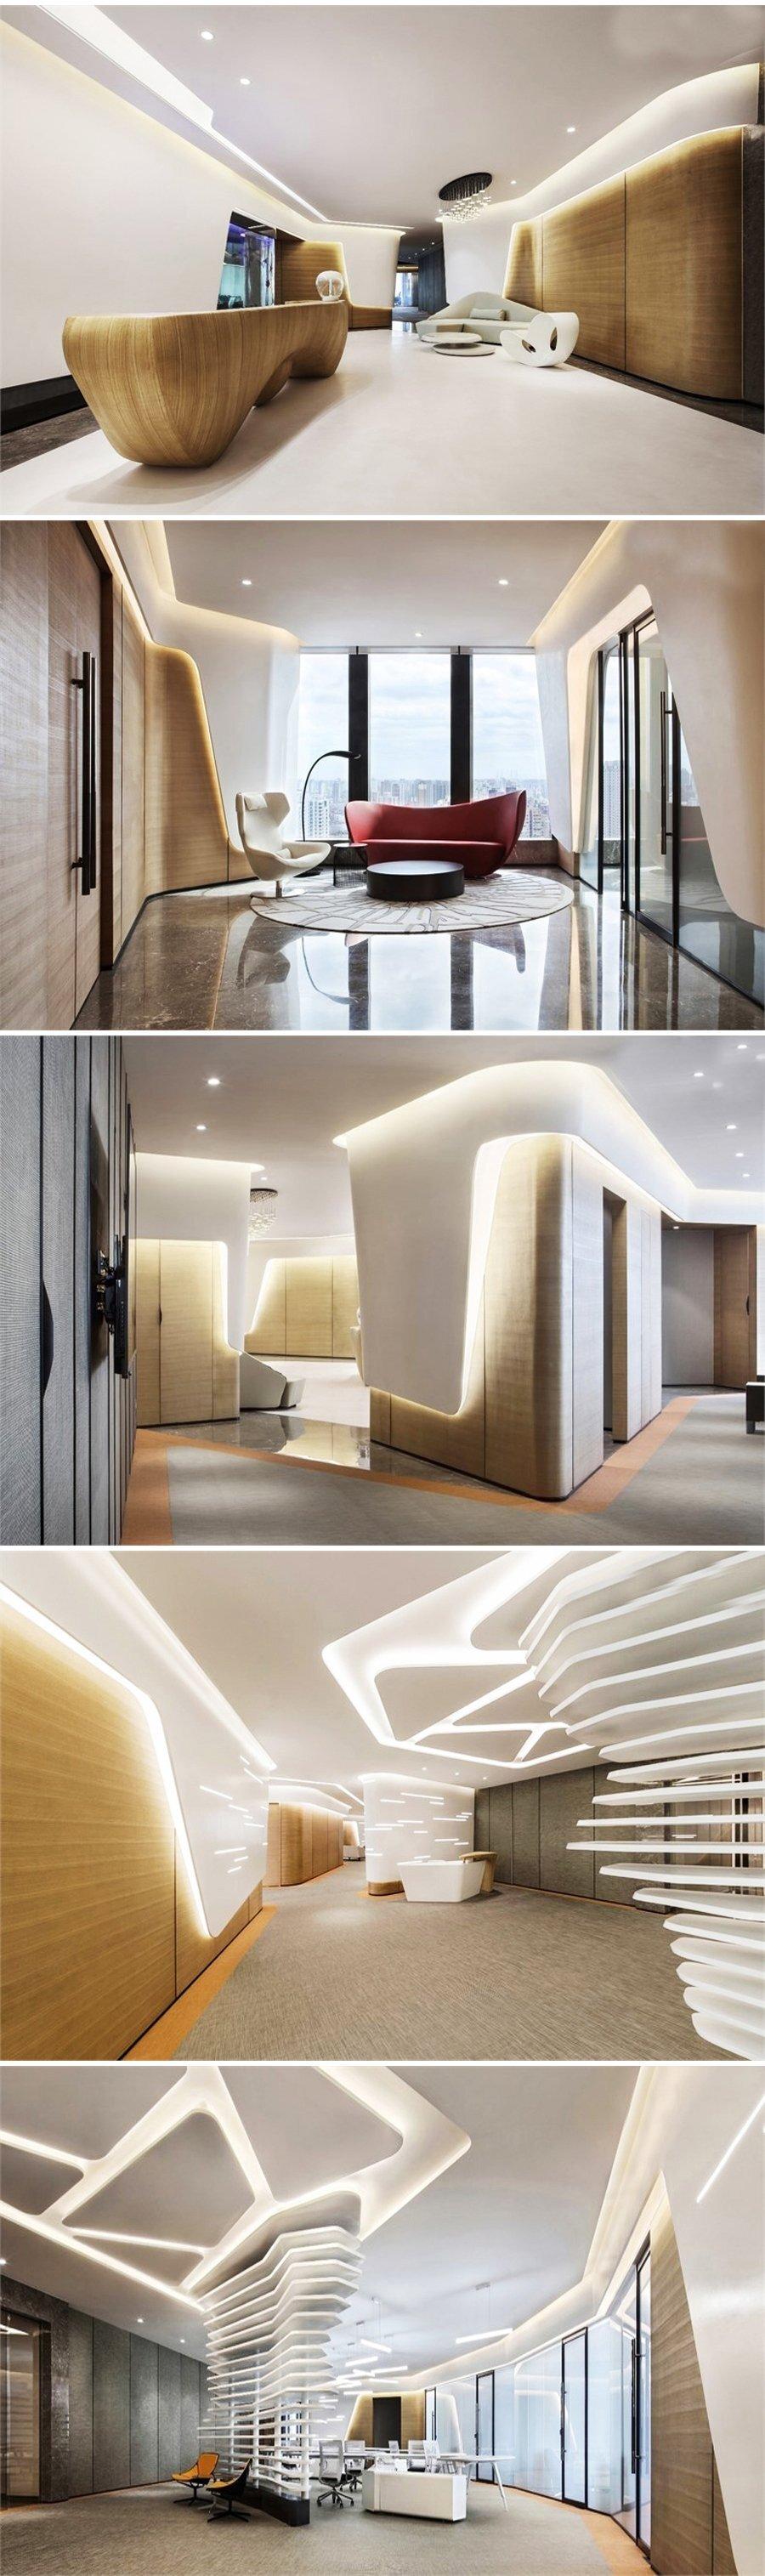 斯伦贝谢-上海办公室装修